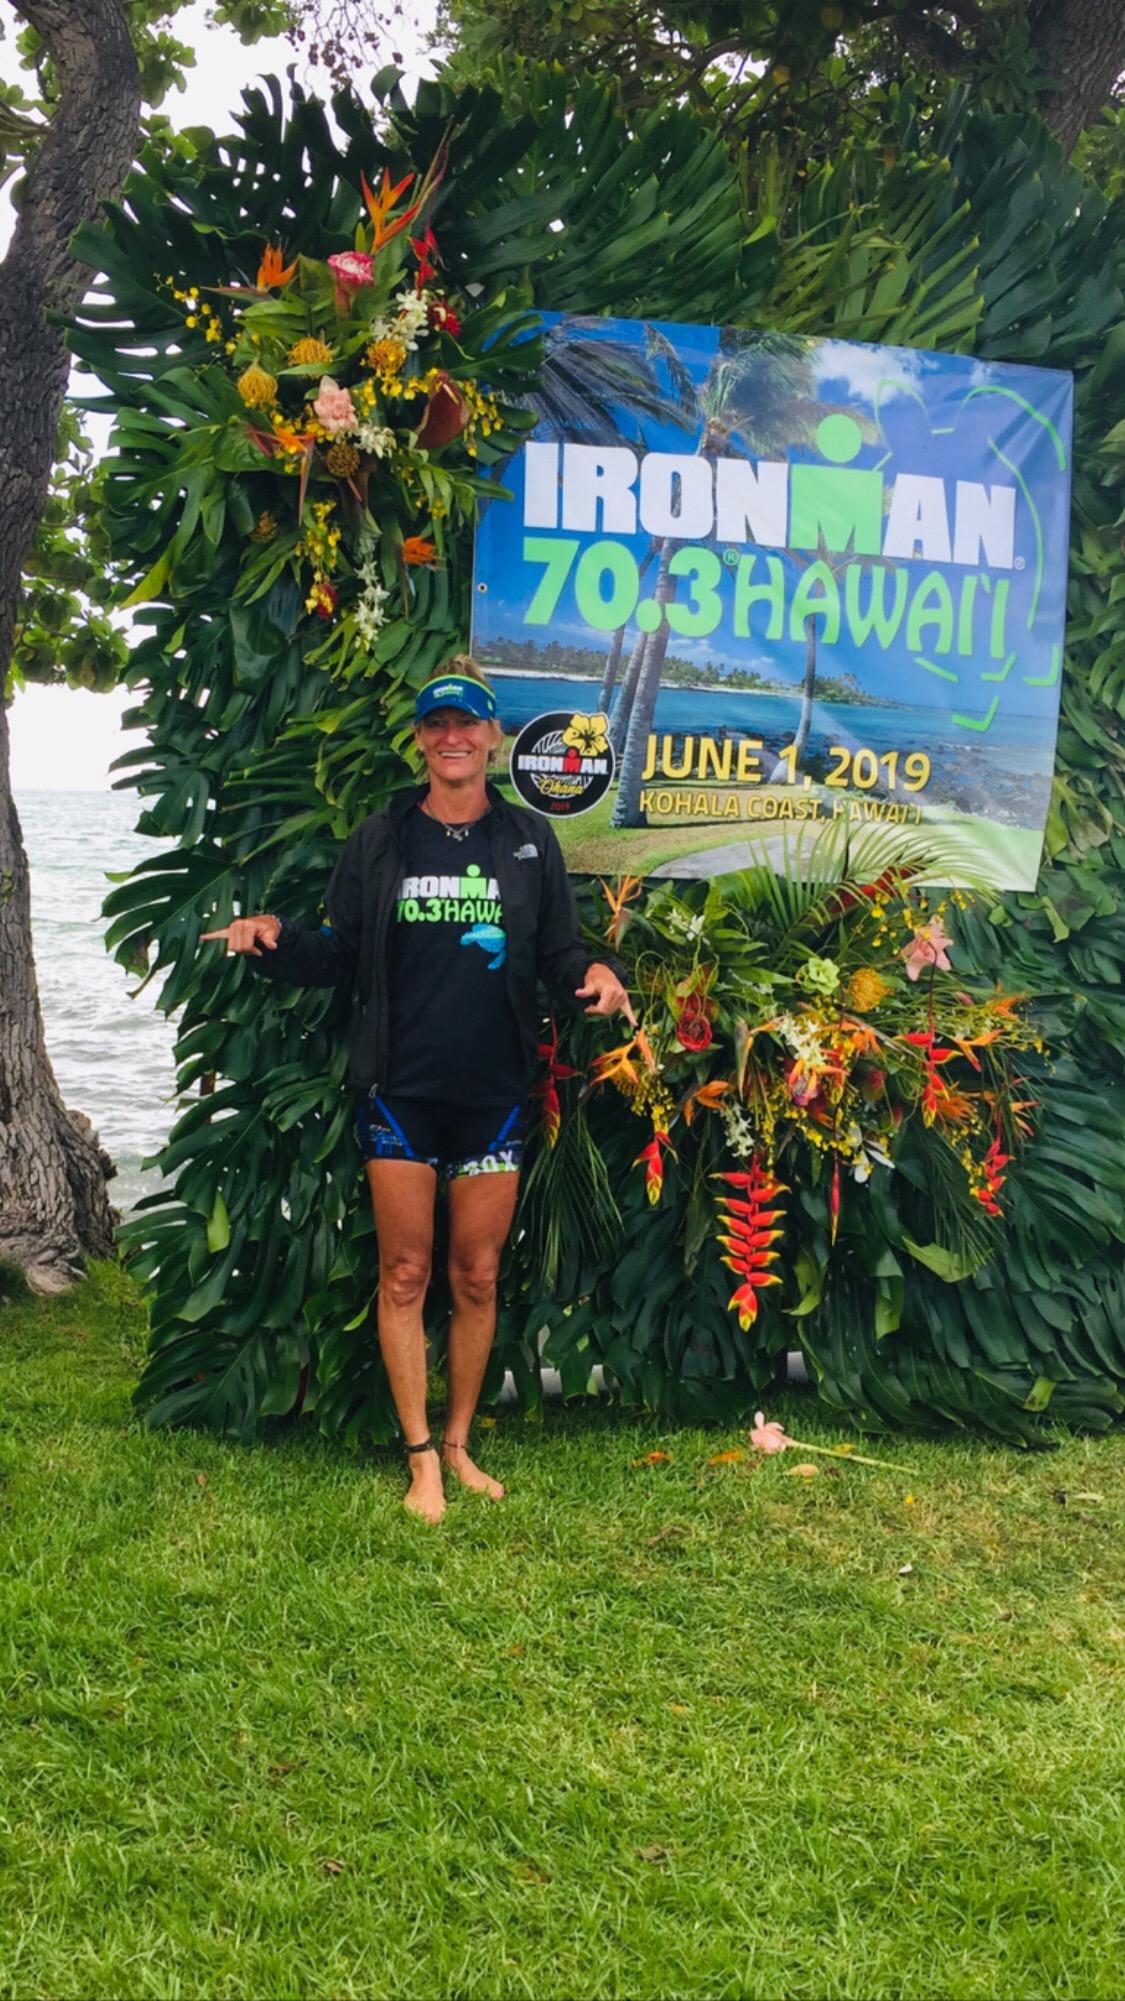 Hawaii 70.3 Half Ironman 2019